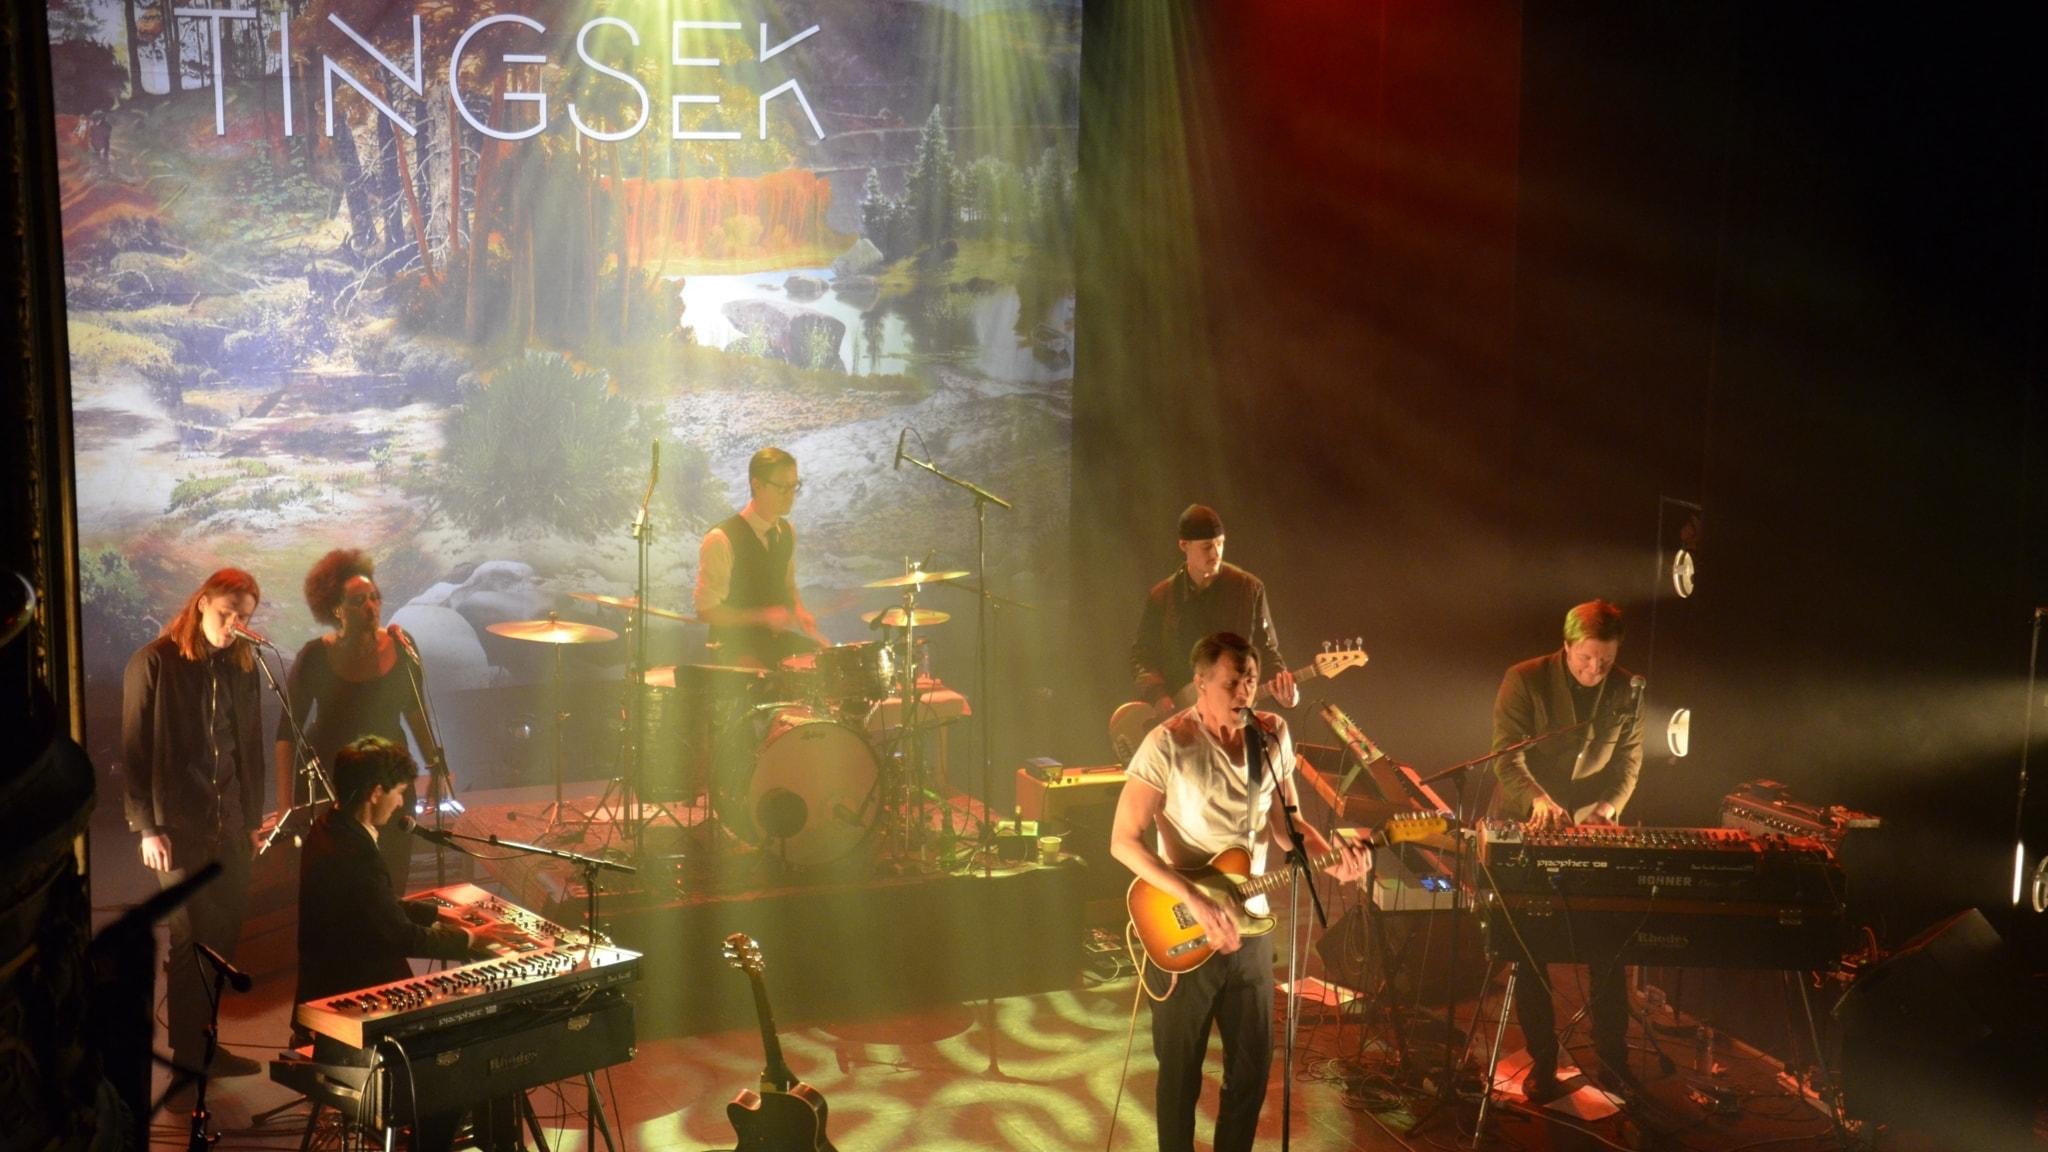 P4 Live med Tingsek